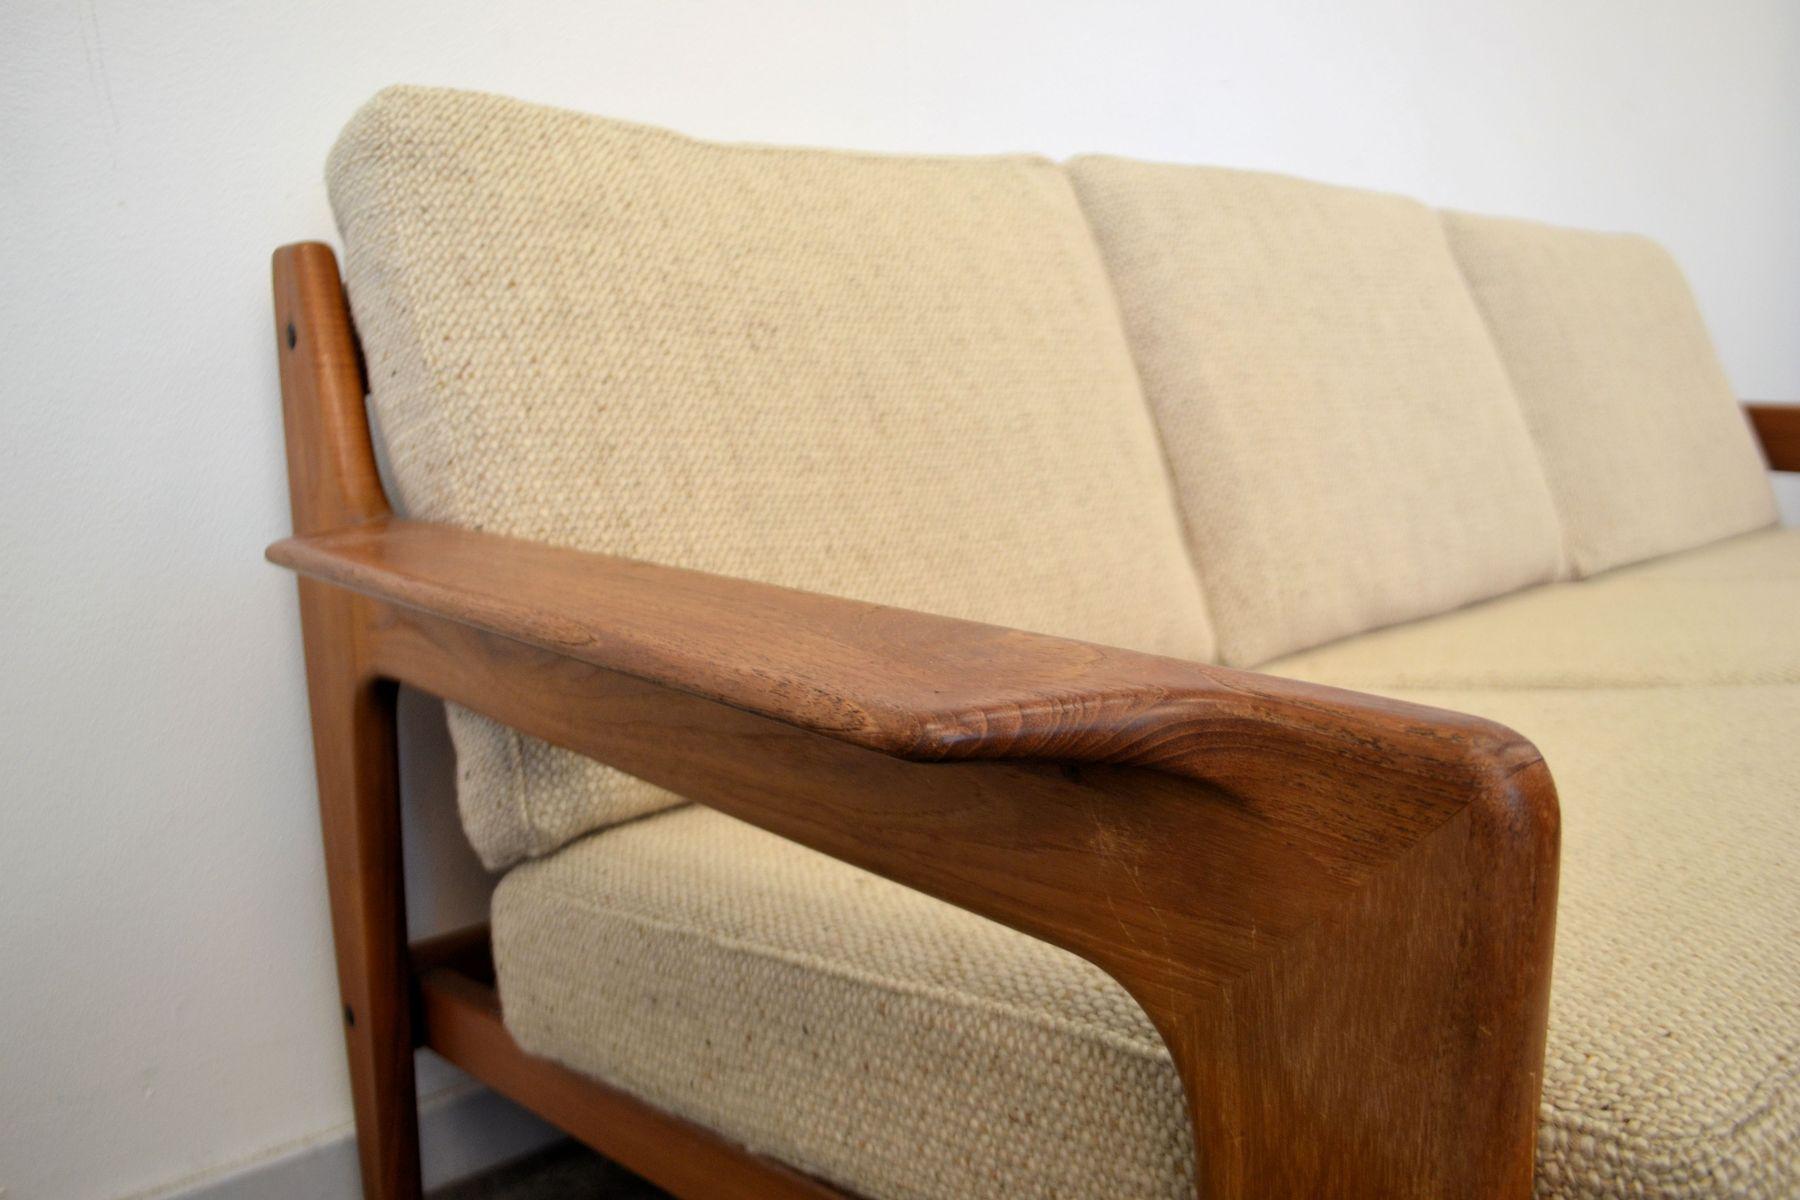 Vintage Danish Teak Frame Sofa by Arne Wahl Iversen for Komfort